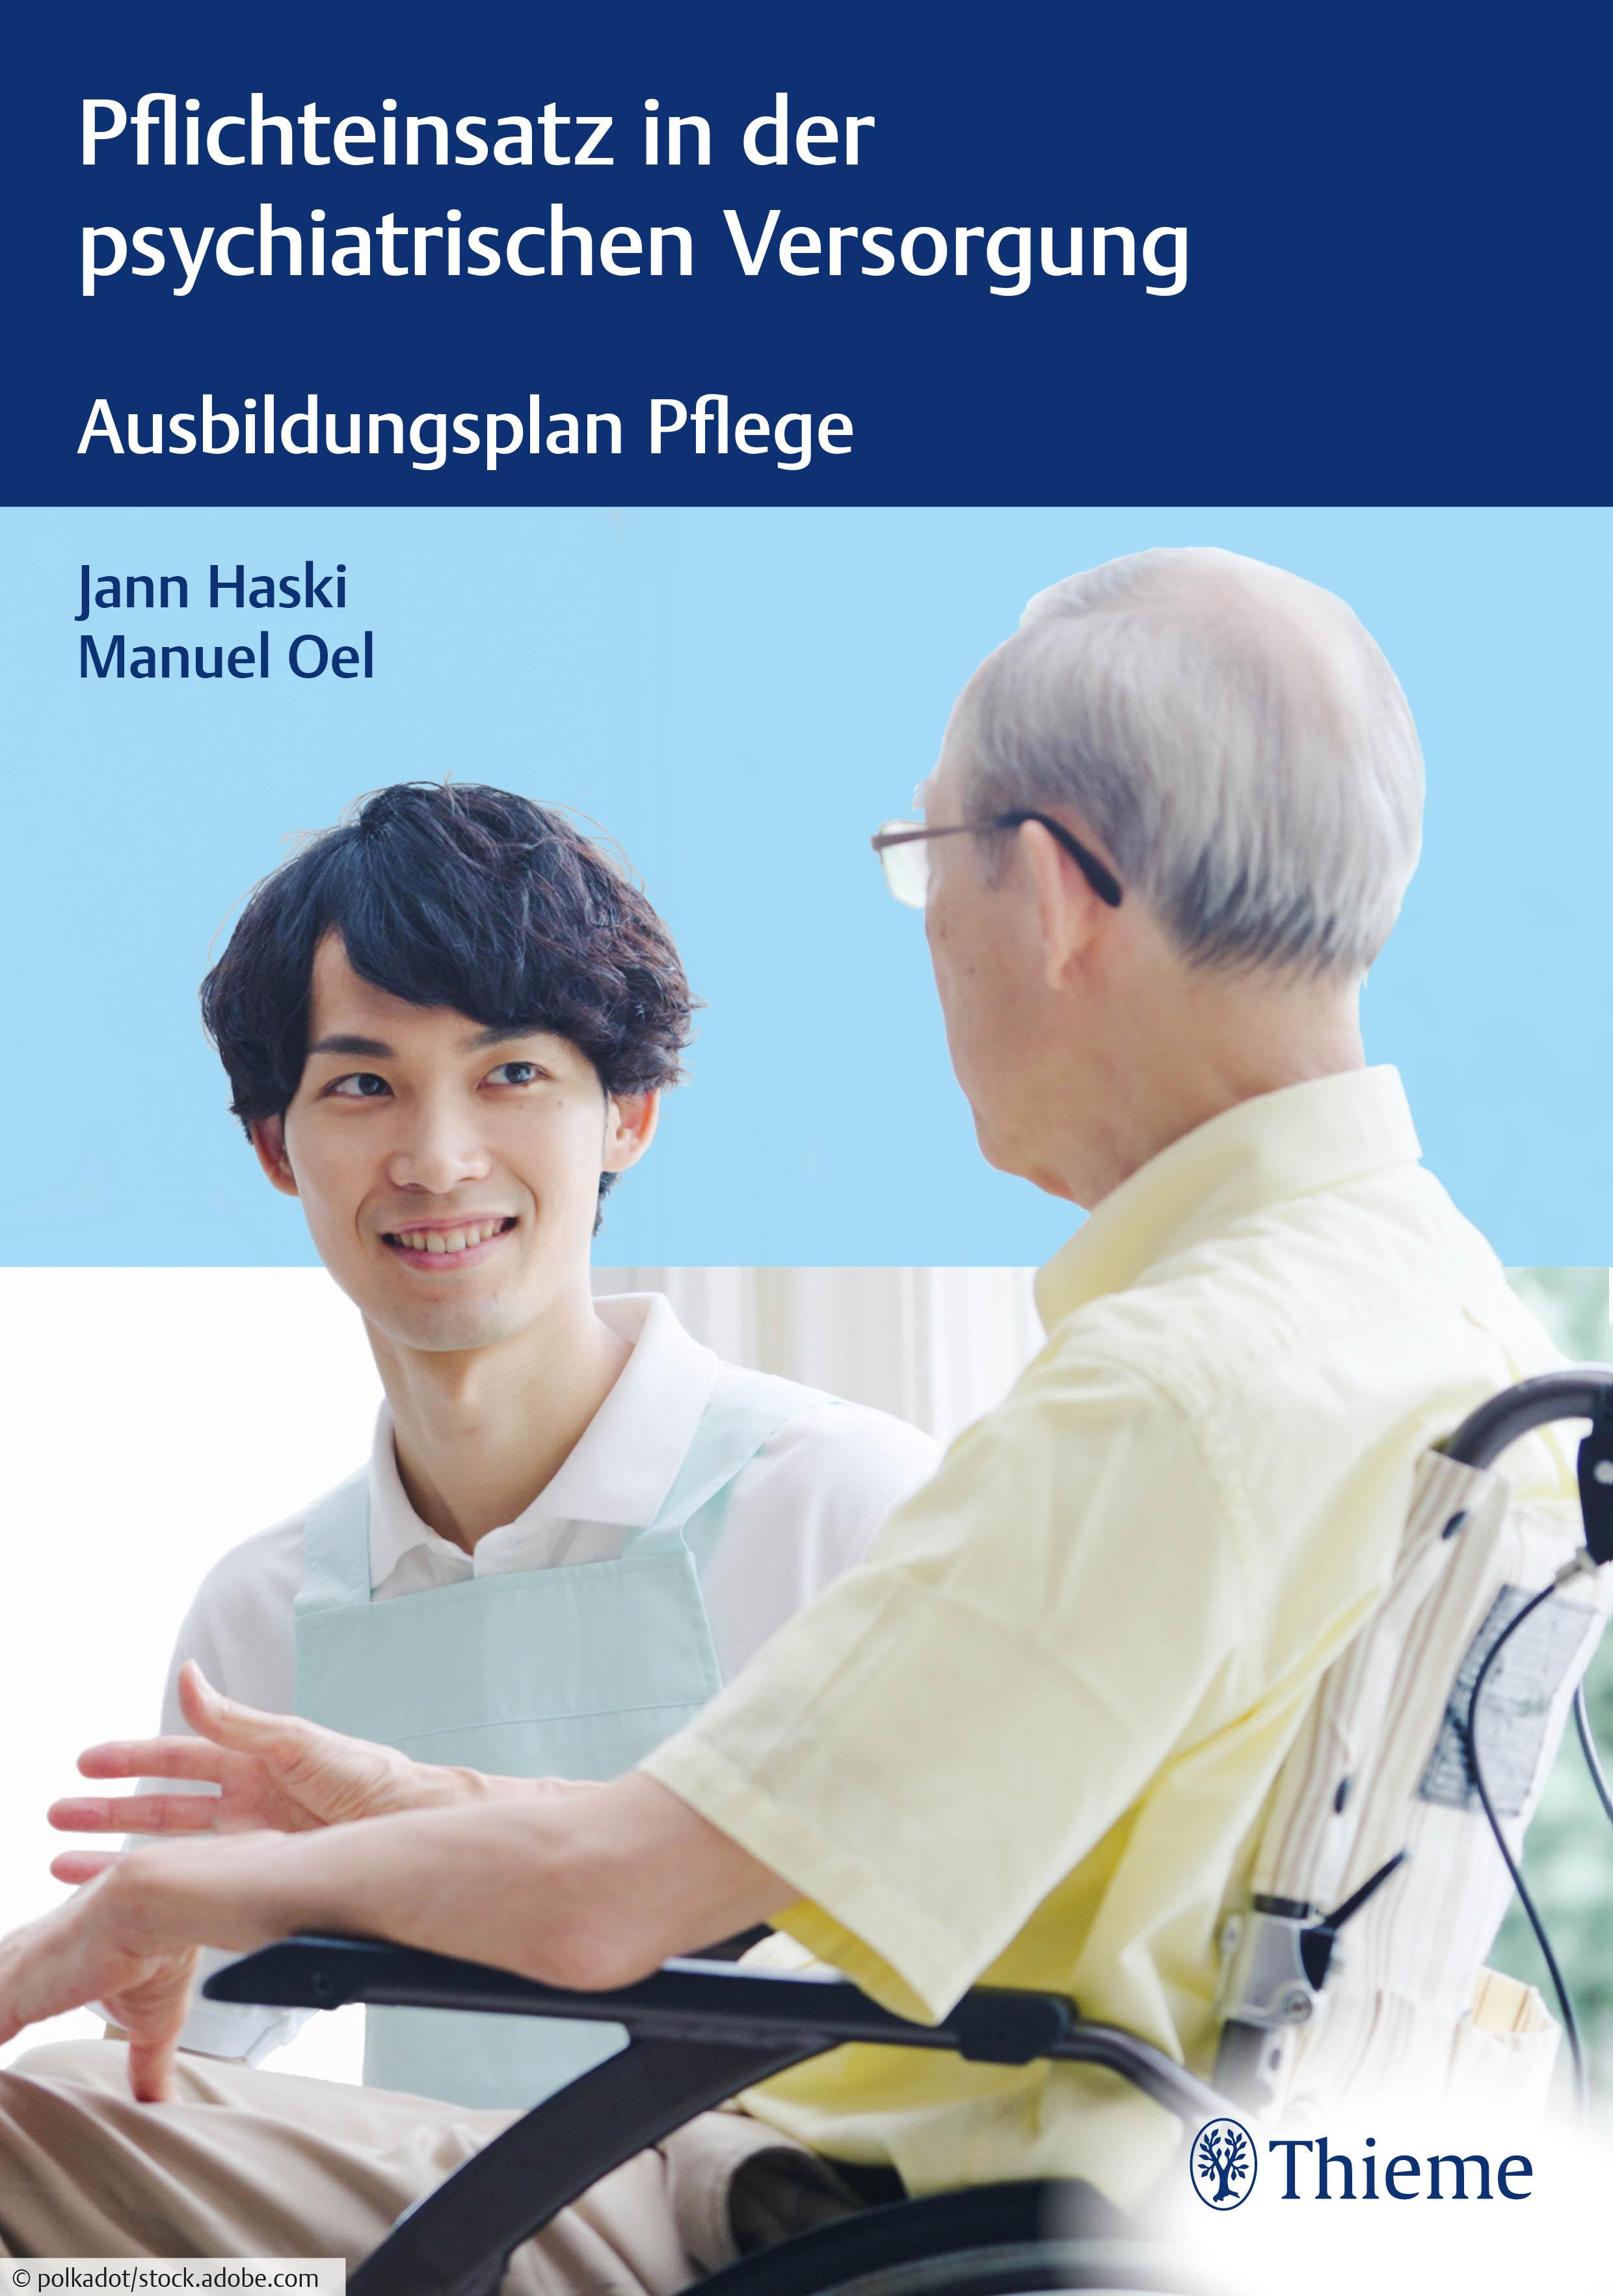 Ausbildungsplan Pflege – Pflichteinsatz in der psychiatrischen Versorgung